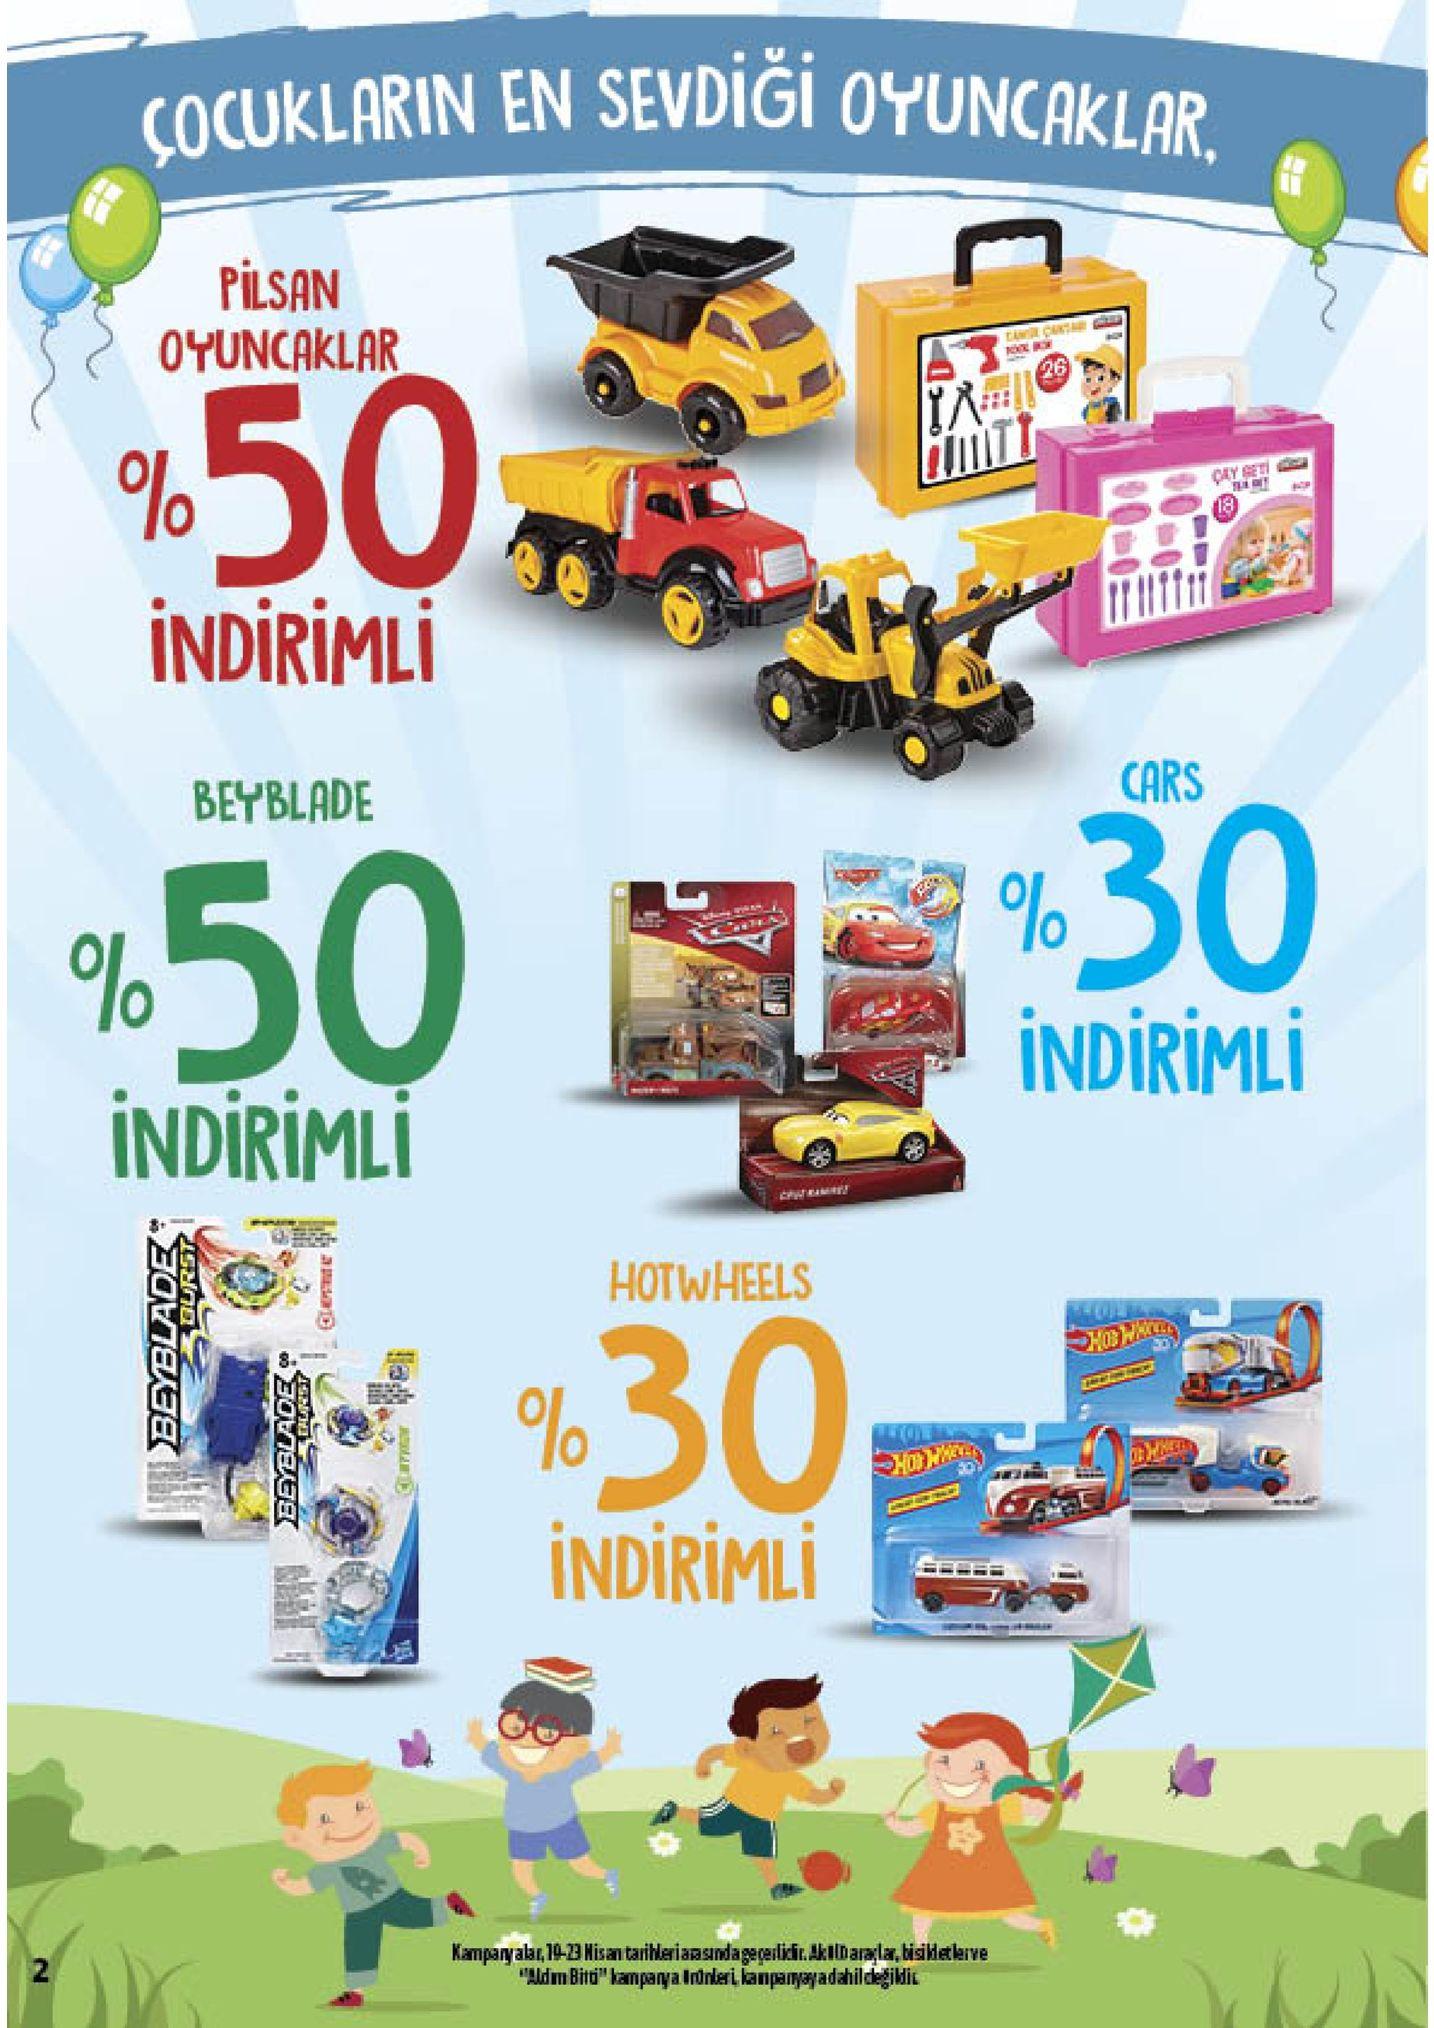 co cuklarin en sevdiği oyuncaklar pilsan oyuncaklar indirimli beyblade cars 30 spindirimli indiriml hotwheels indirimli kampany alat, 19-23 nisan tarikeriaasndageceilicir. akldarala, isihe erve